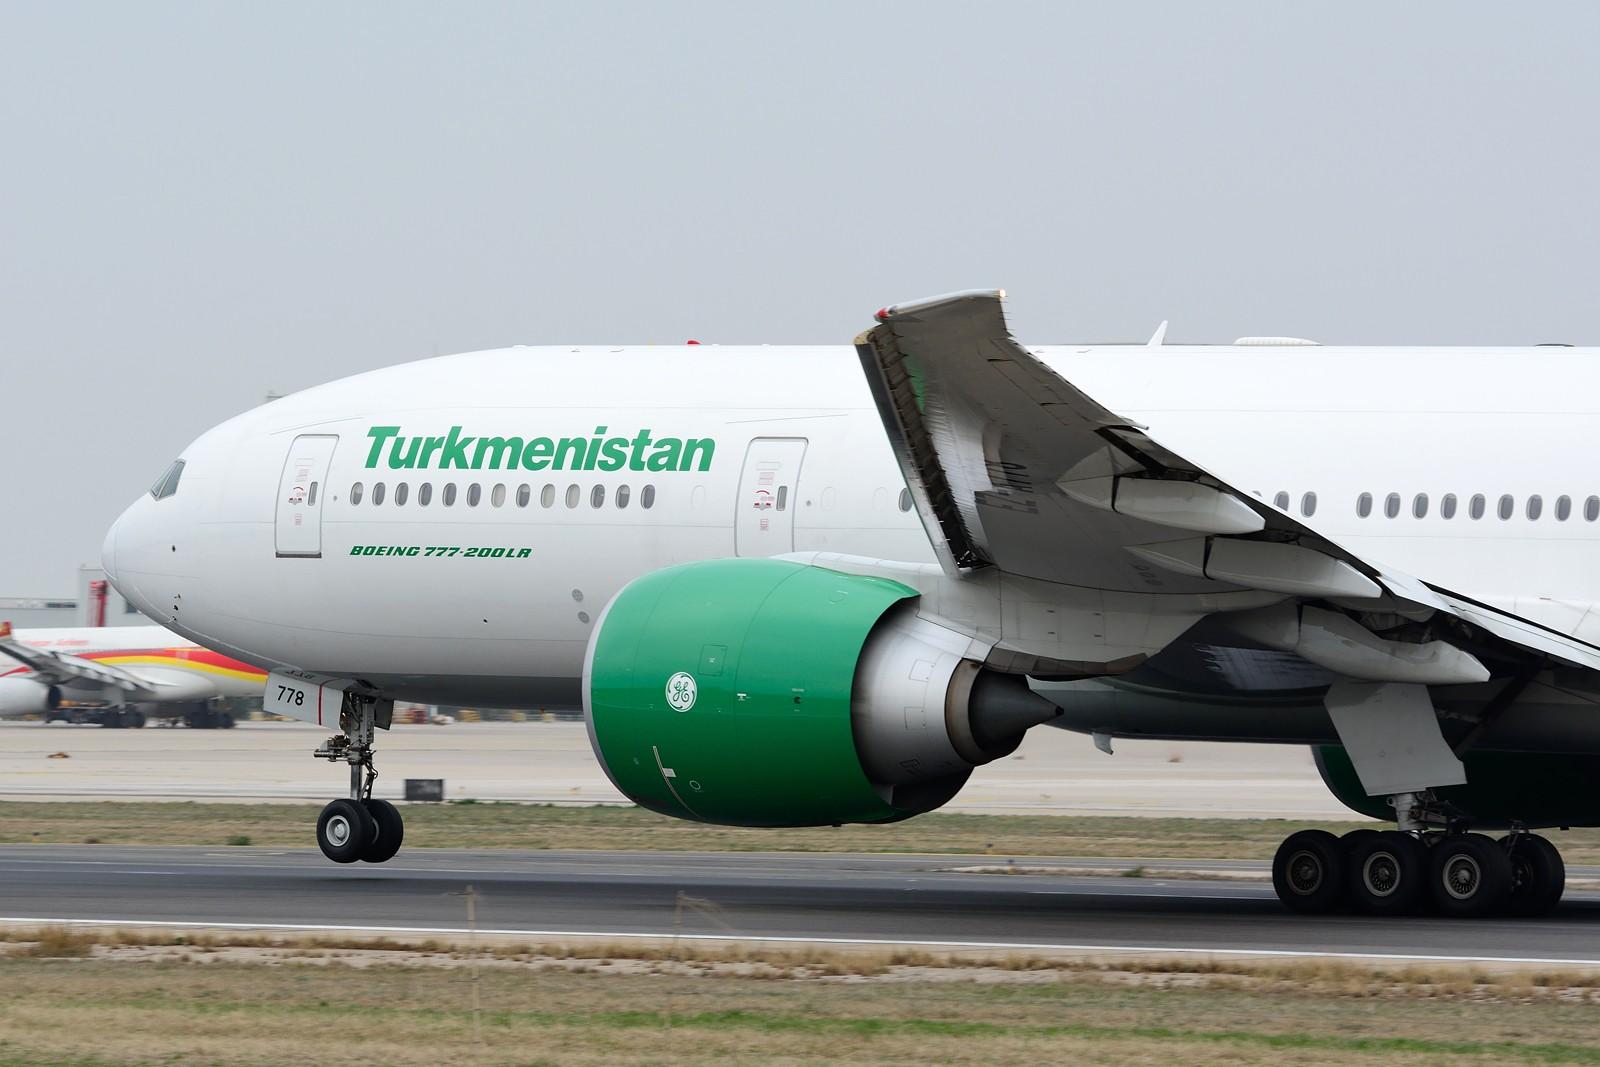 Re:[原创]【PEK】~土库曼斯坦&哈萨克斯坦~ BOEING 777-200LR EZ-A778 中国北京首都国际机场